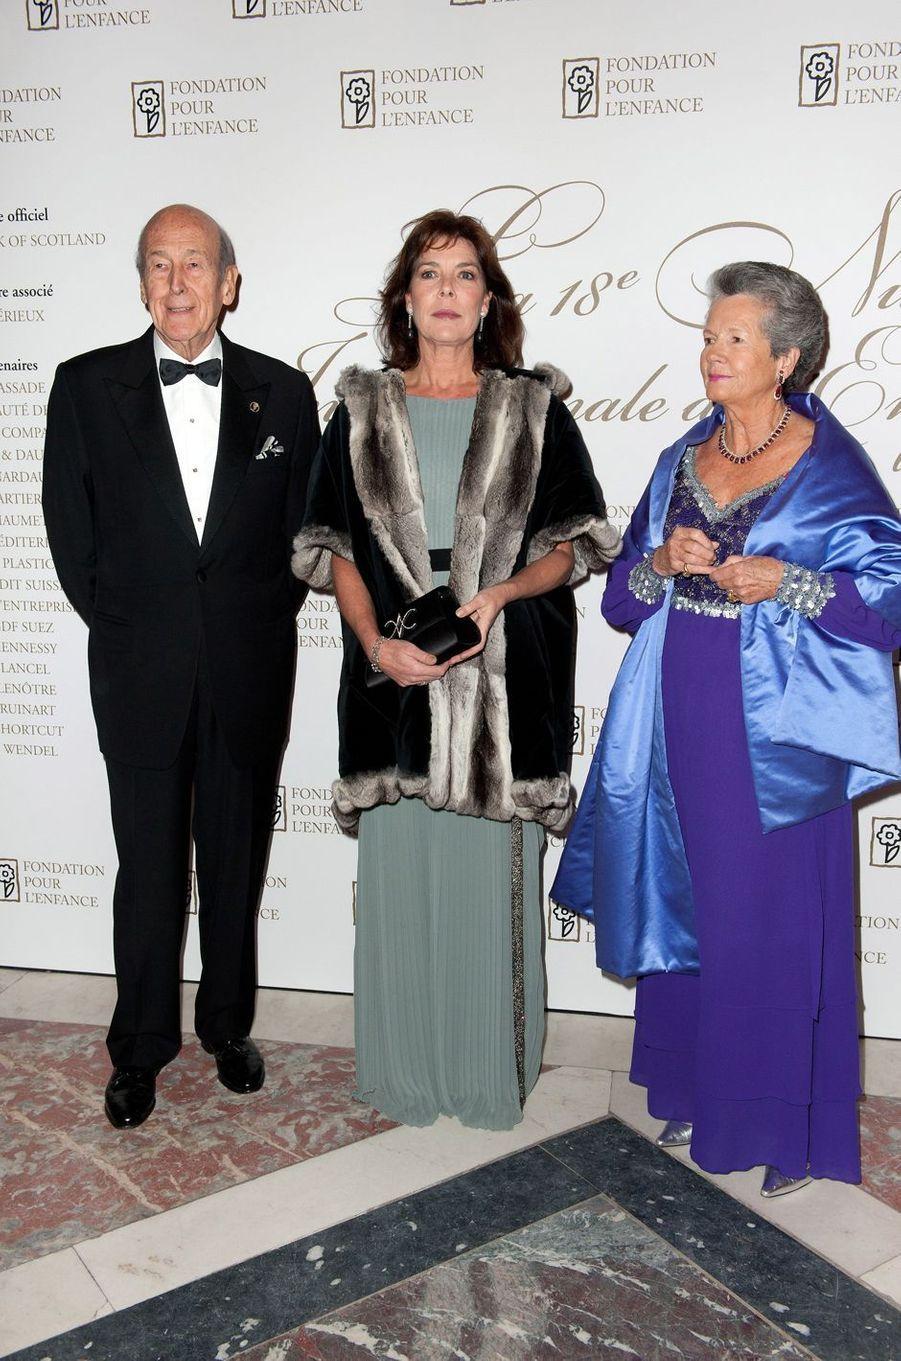 Valéry et Anne-Aymone Giscard d'Estaing avec la princesse Caroline de Monaco, le 7 janvier 2010